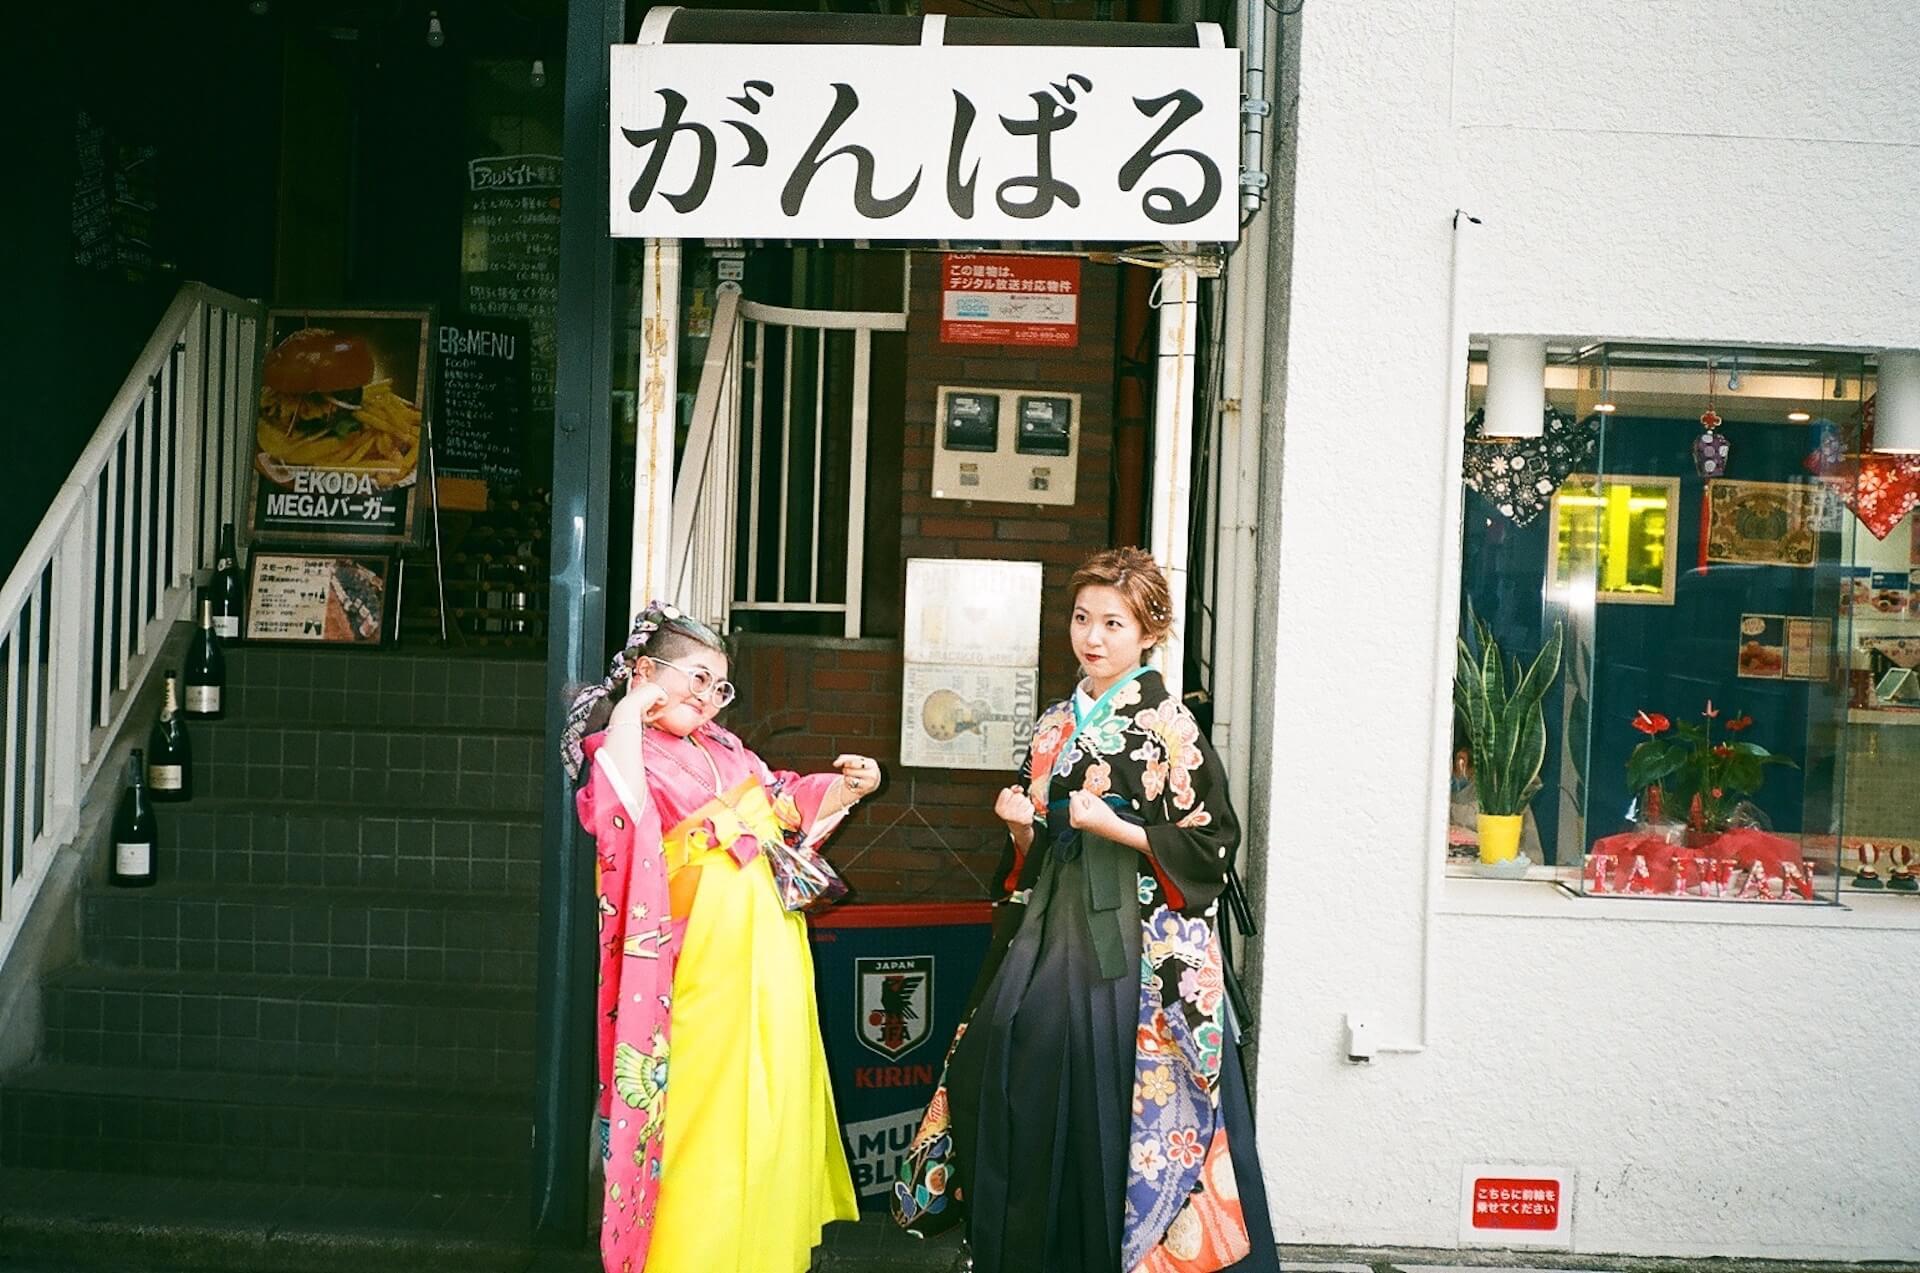 はなむけしゃしん - 竹漫&gk「竹漫は卒漫します2020🌸feat. gk」 art200408_hanamukeshashin4_47